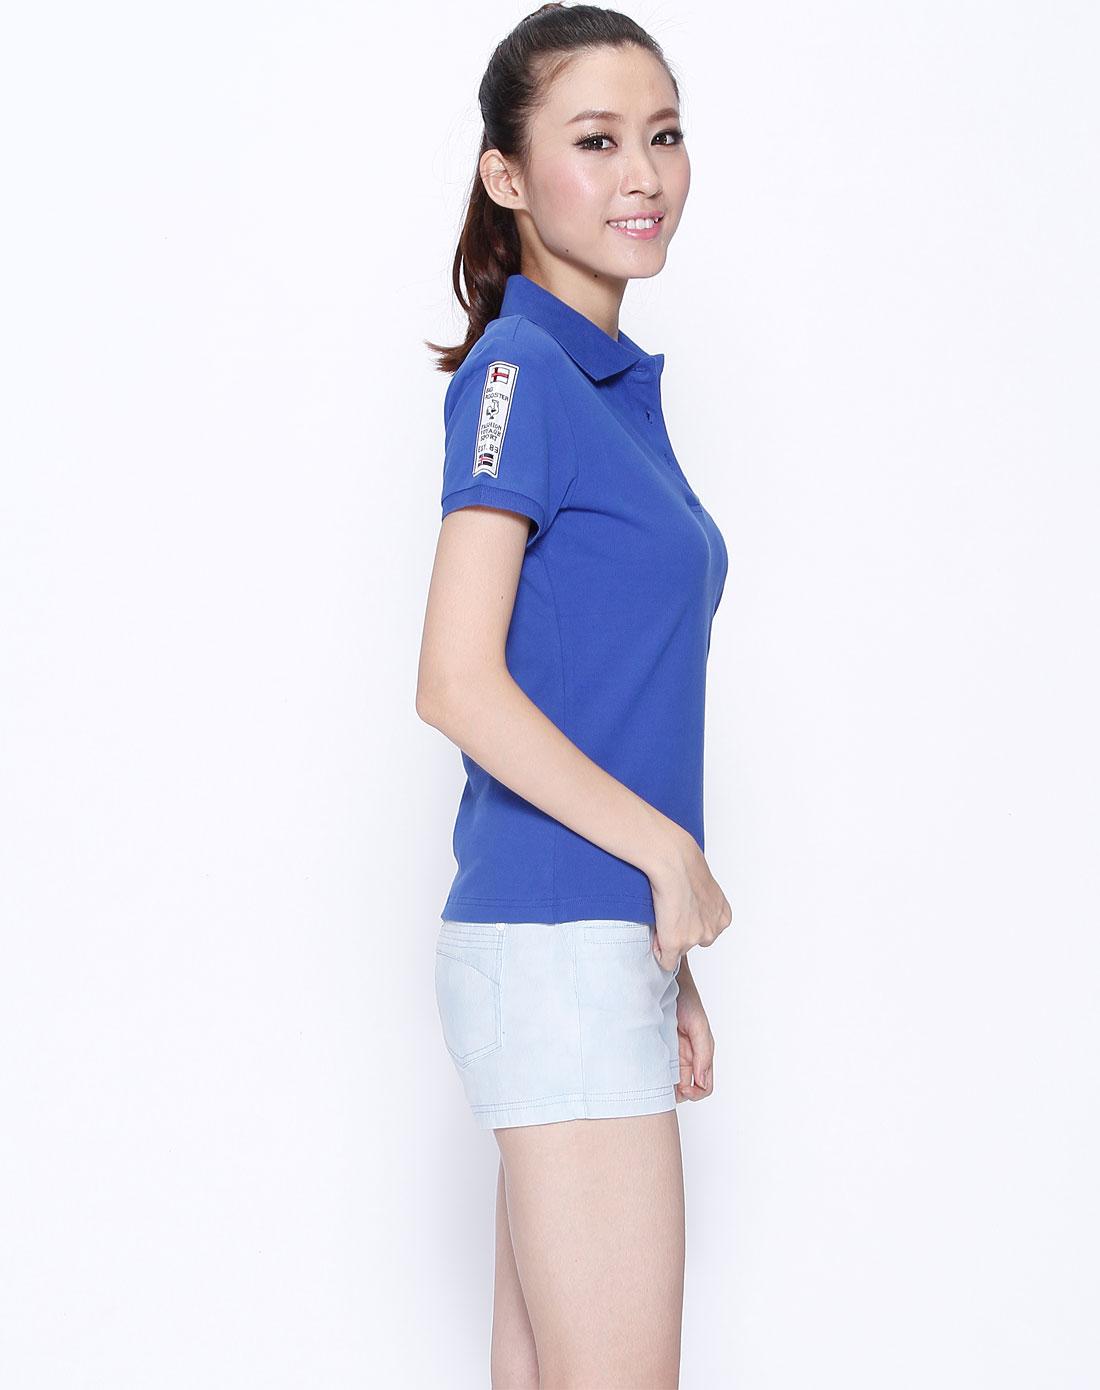 【最新】深蓝色短裤配什么上衣